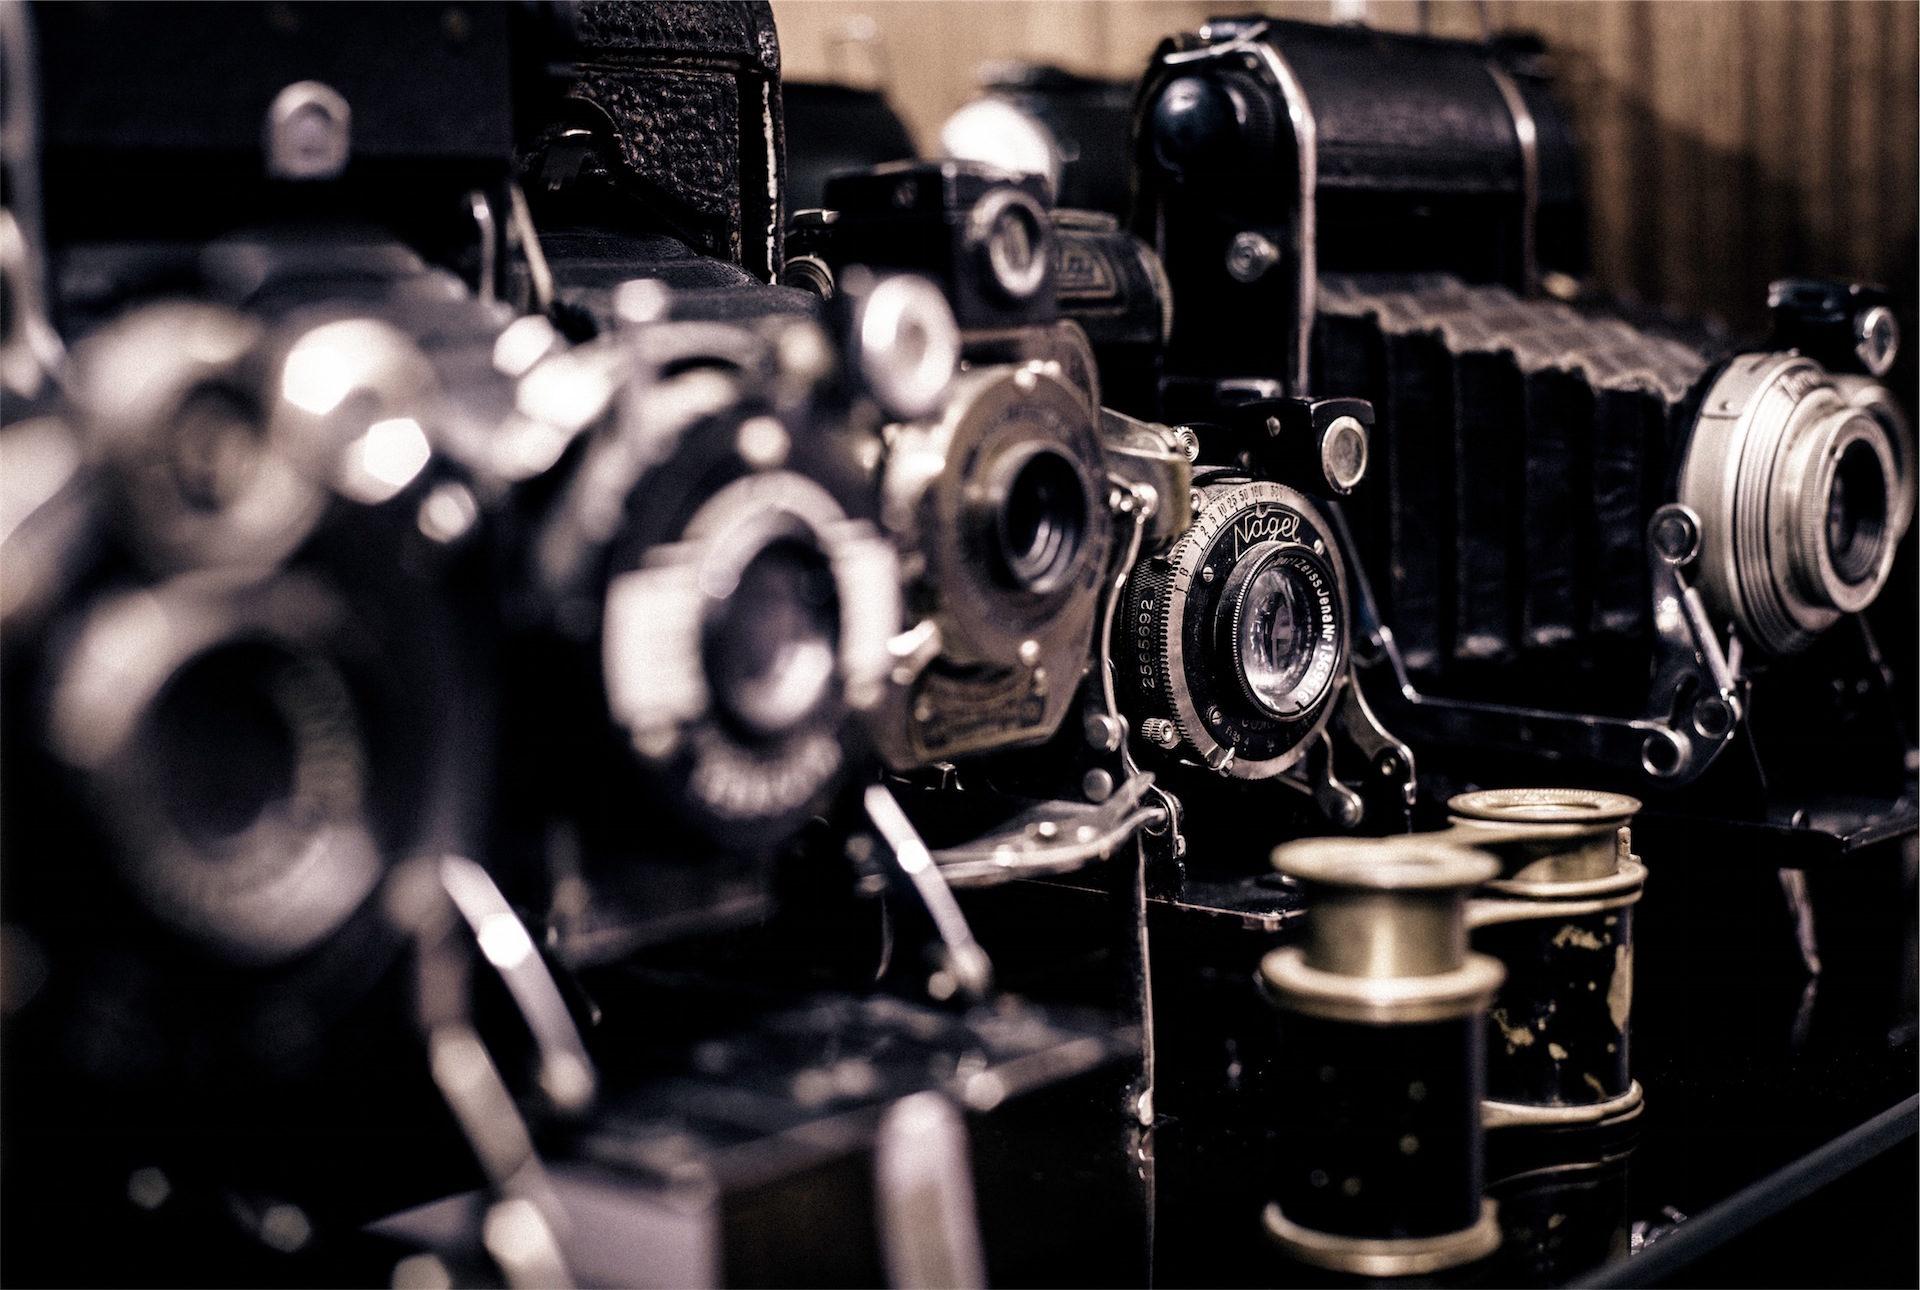 φωτογραφικές μηχανές, Φωτογραφίες, Αρχαία, παλιάς χρονολογίας, Κύλινδρο - Wallpapers HD - Professor-falken.com